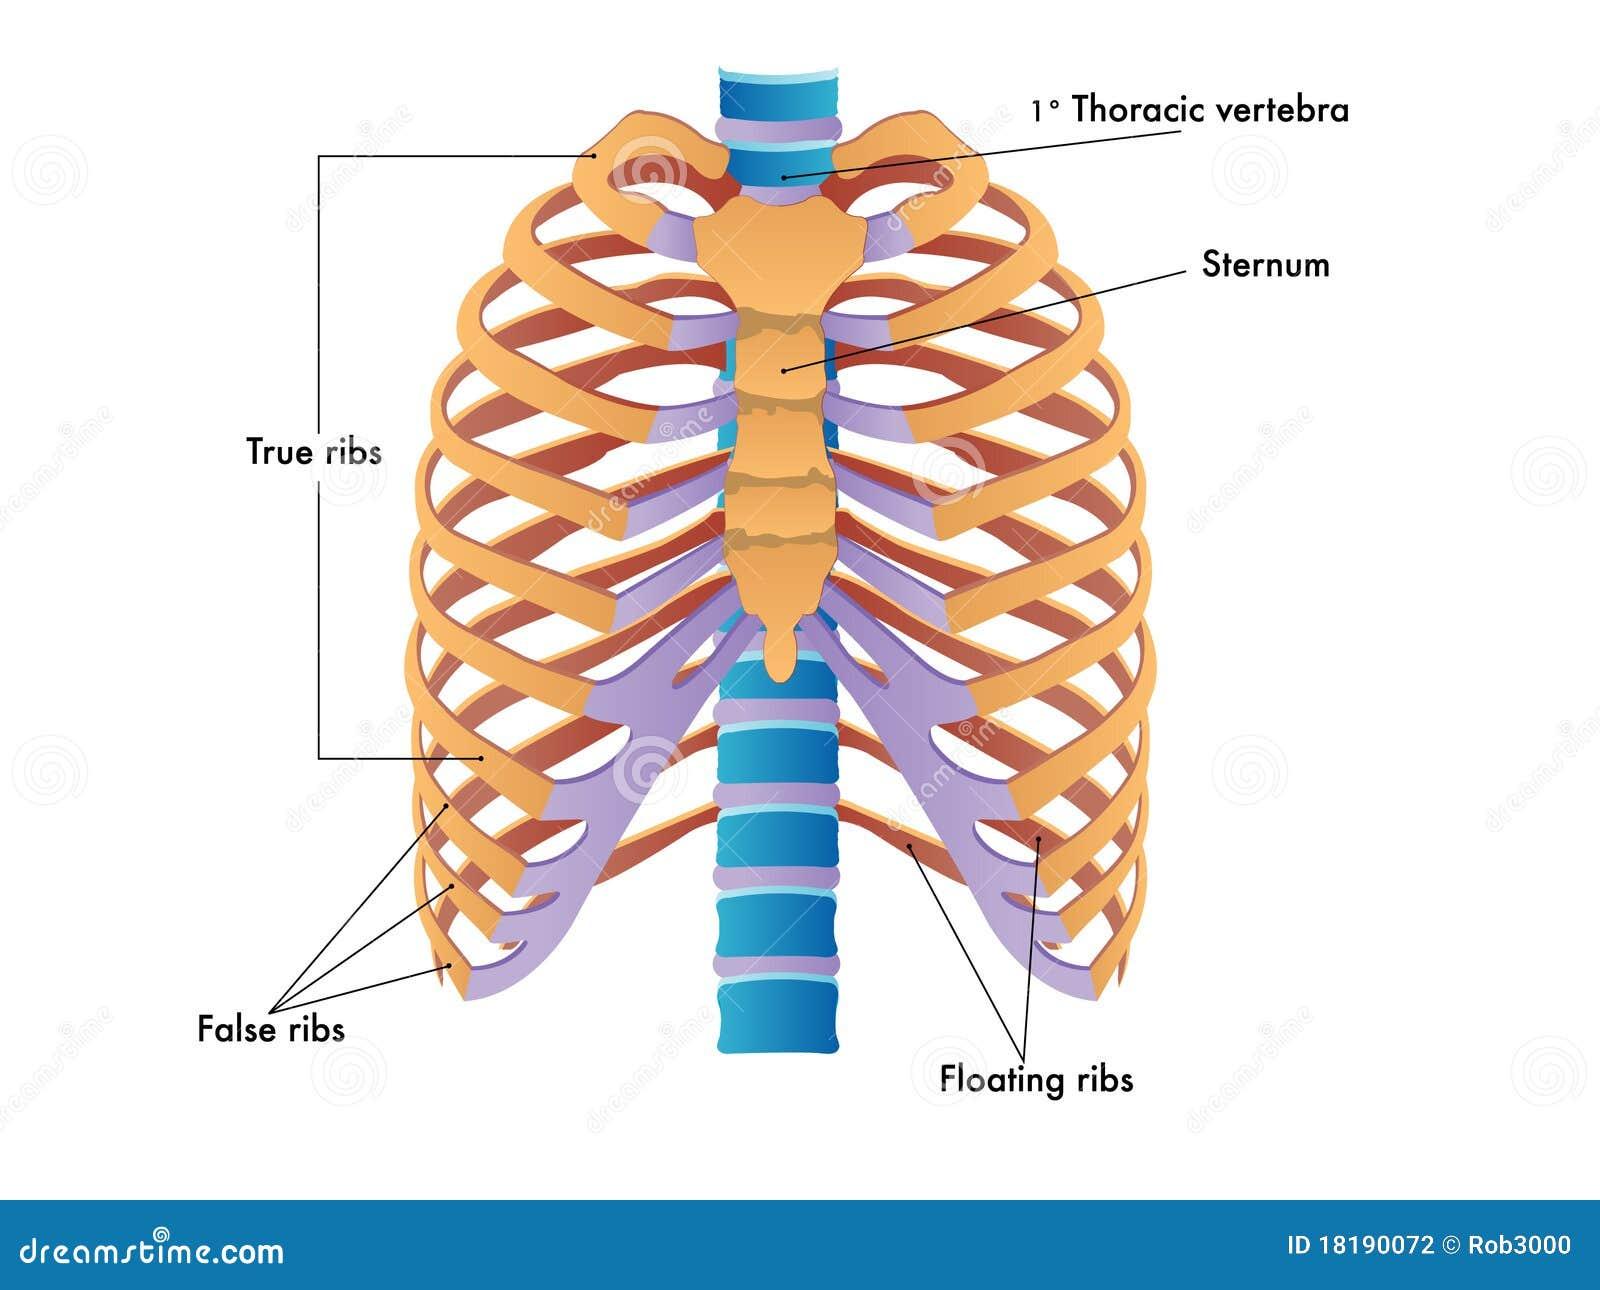 Duele los riñones y la parte inferior del vientre en 12 semana